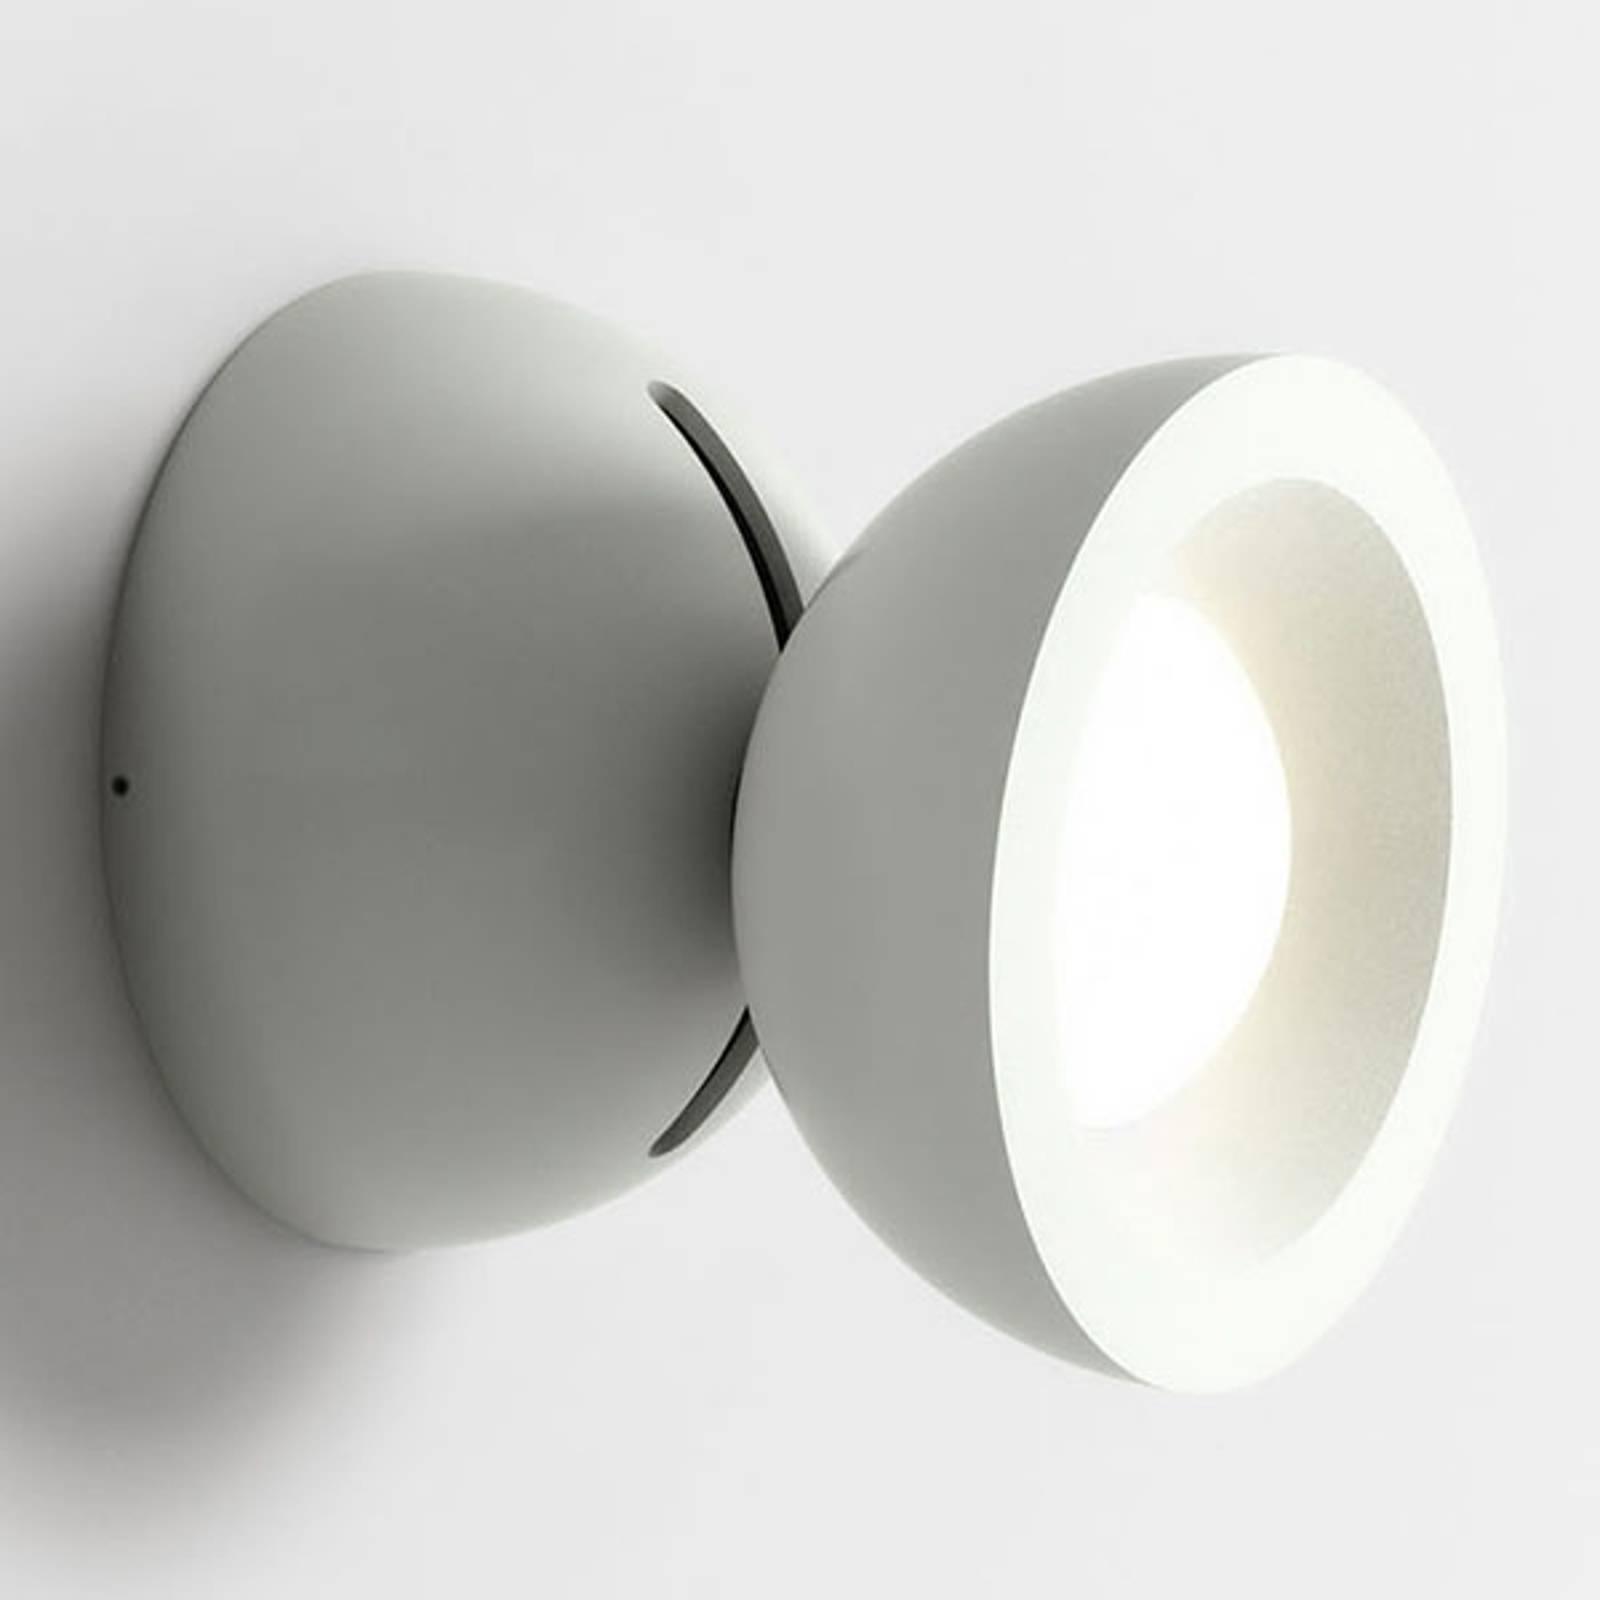 Axolight DoDot LED-Wandleuchte, weiß 35°